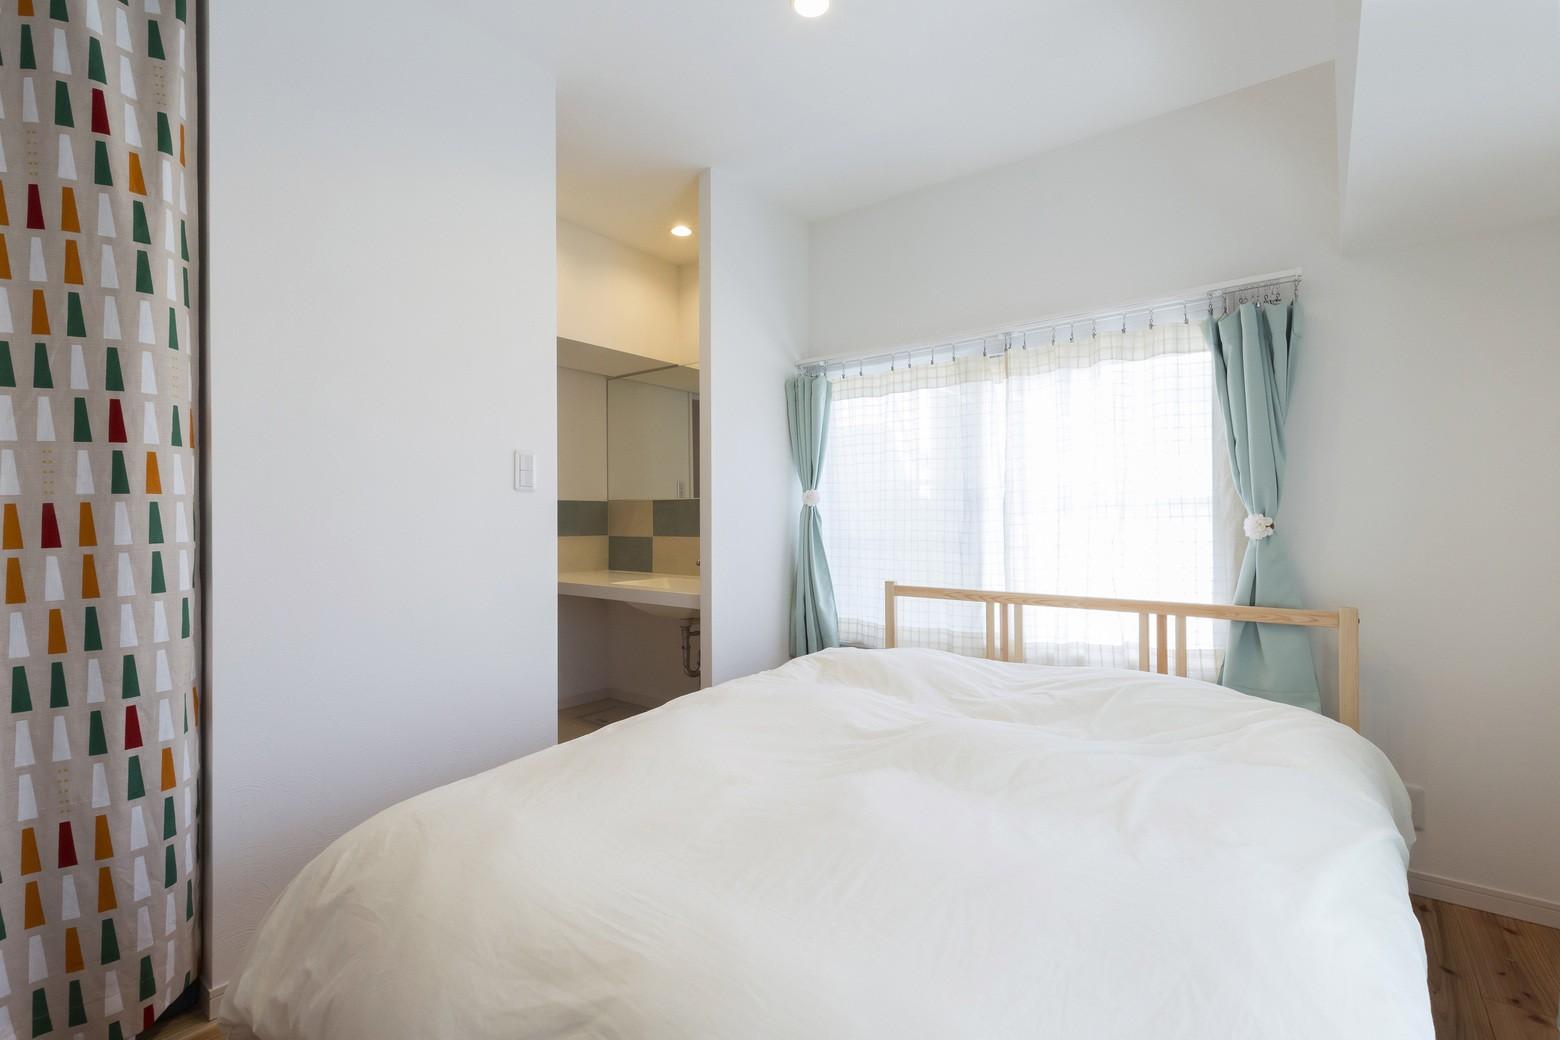 ベッドルーム事例:寝室(ご祖父母から受け継いだ築39年のスケルトンリノベーション)